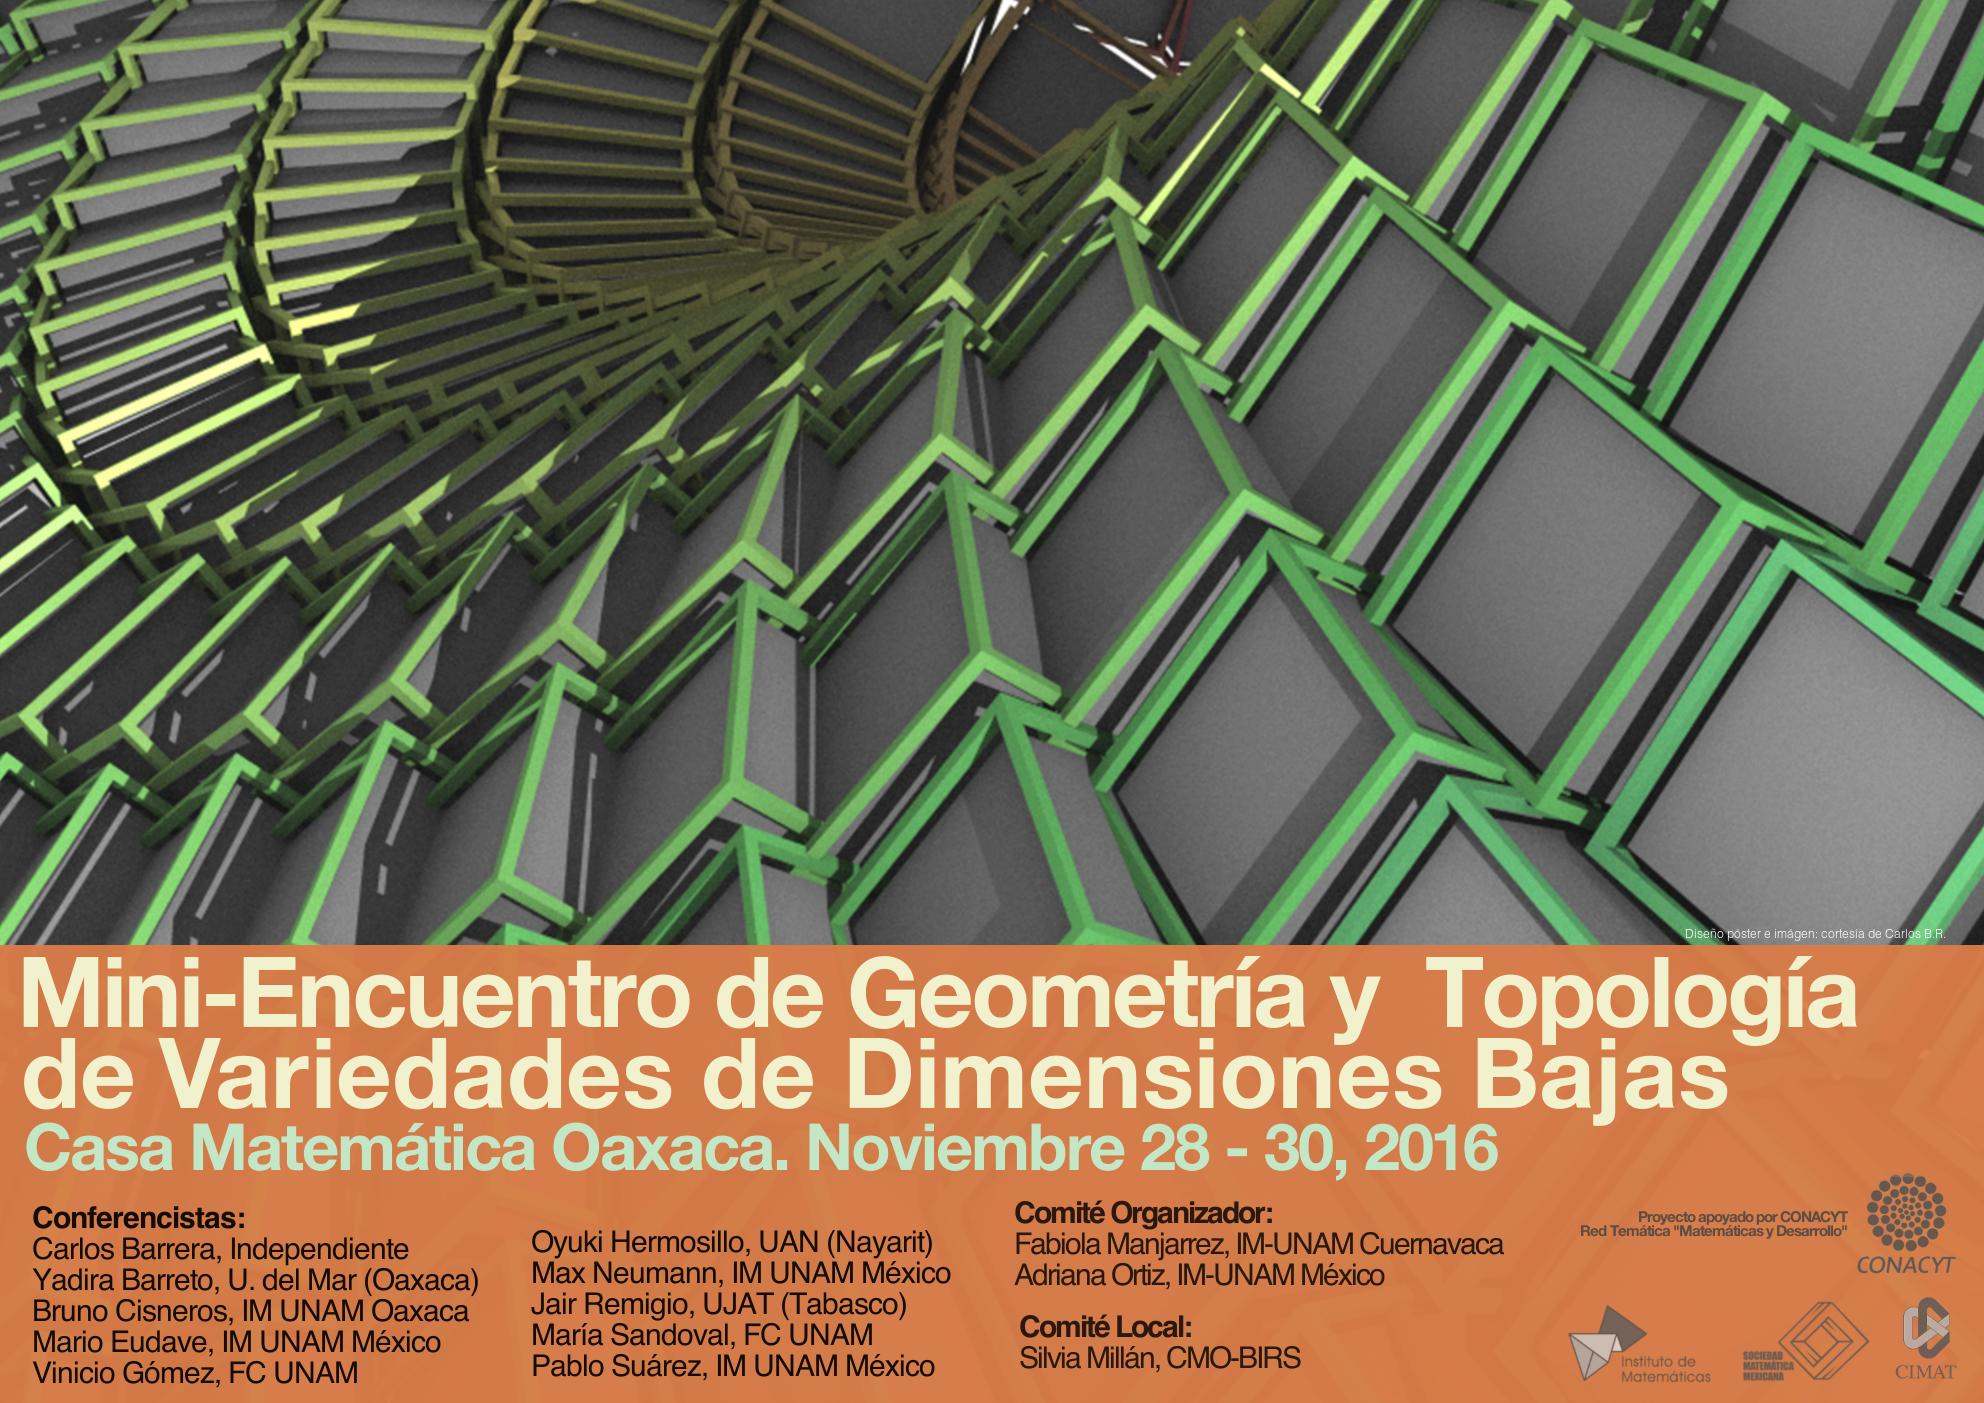 Mini-Encuentro de Geometría y Topología en Variedades de Dimensiones Bajas